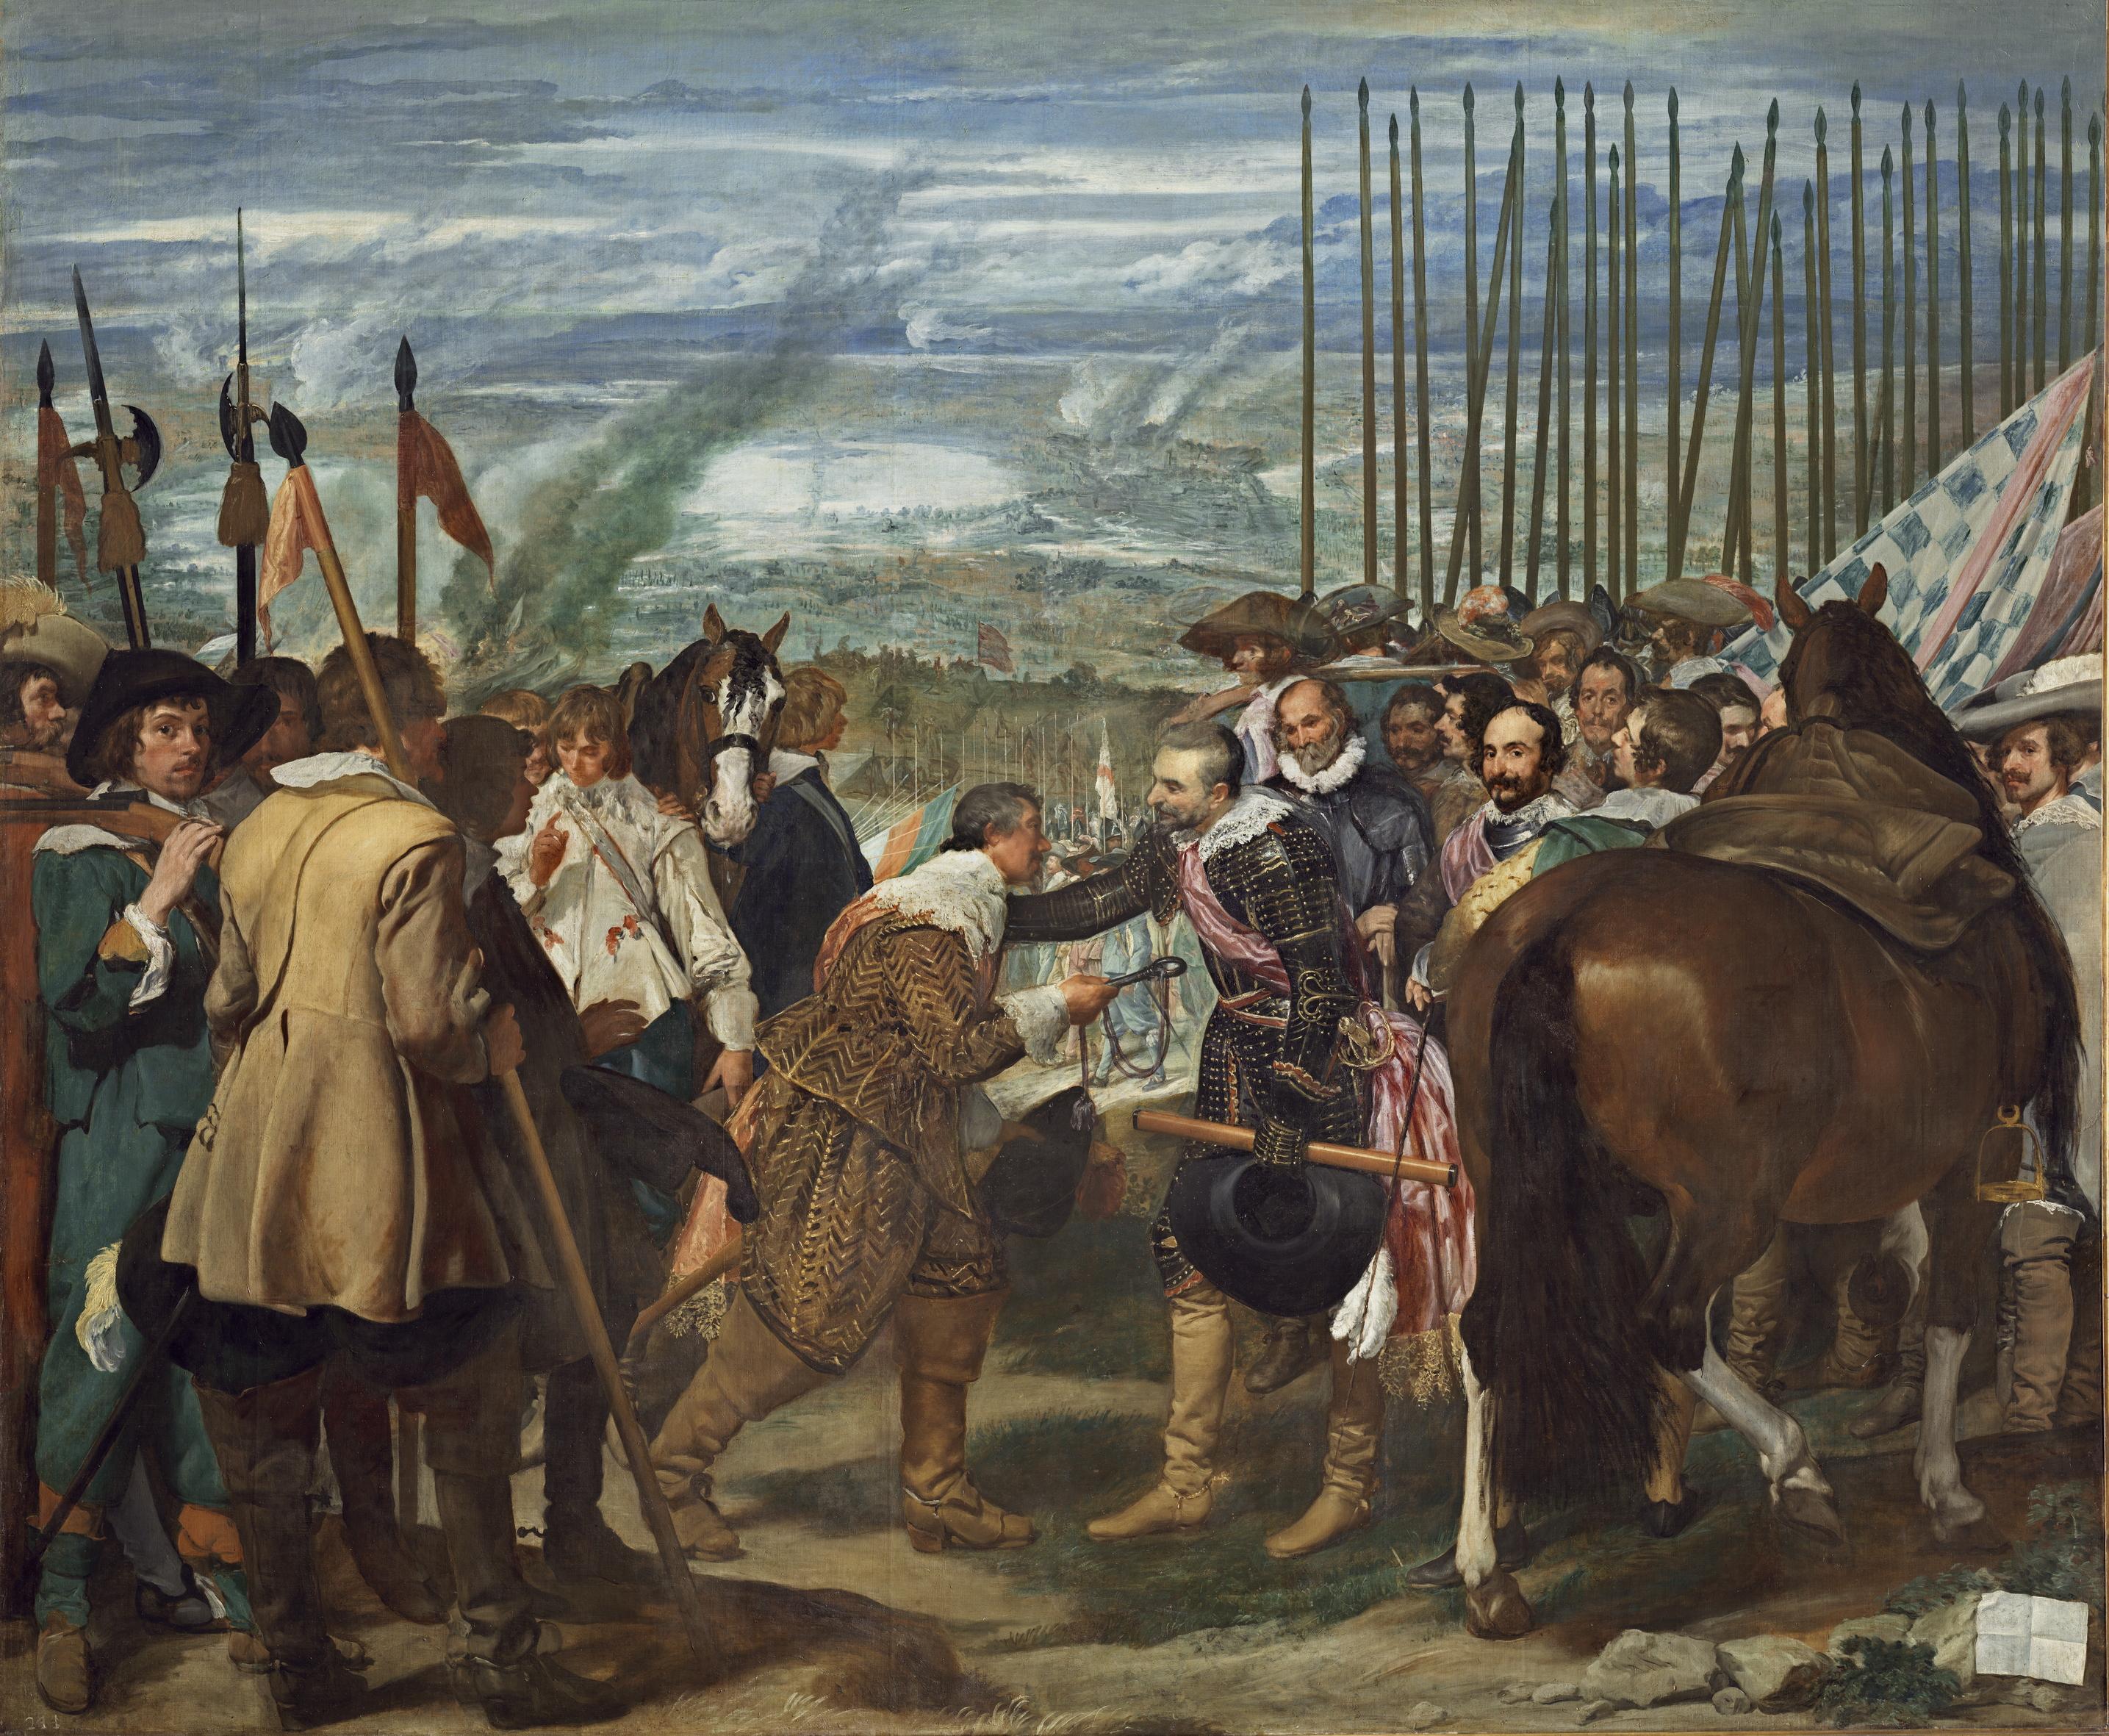 La rendición de Breda - Wikipedia, la enciclopedia libre